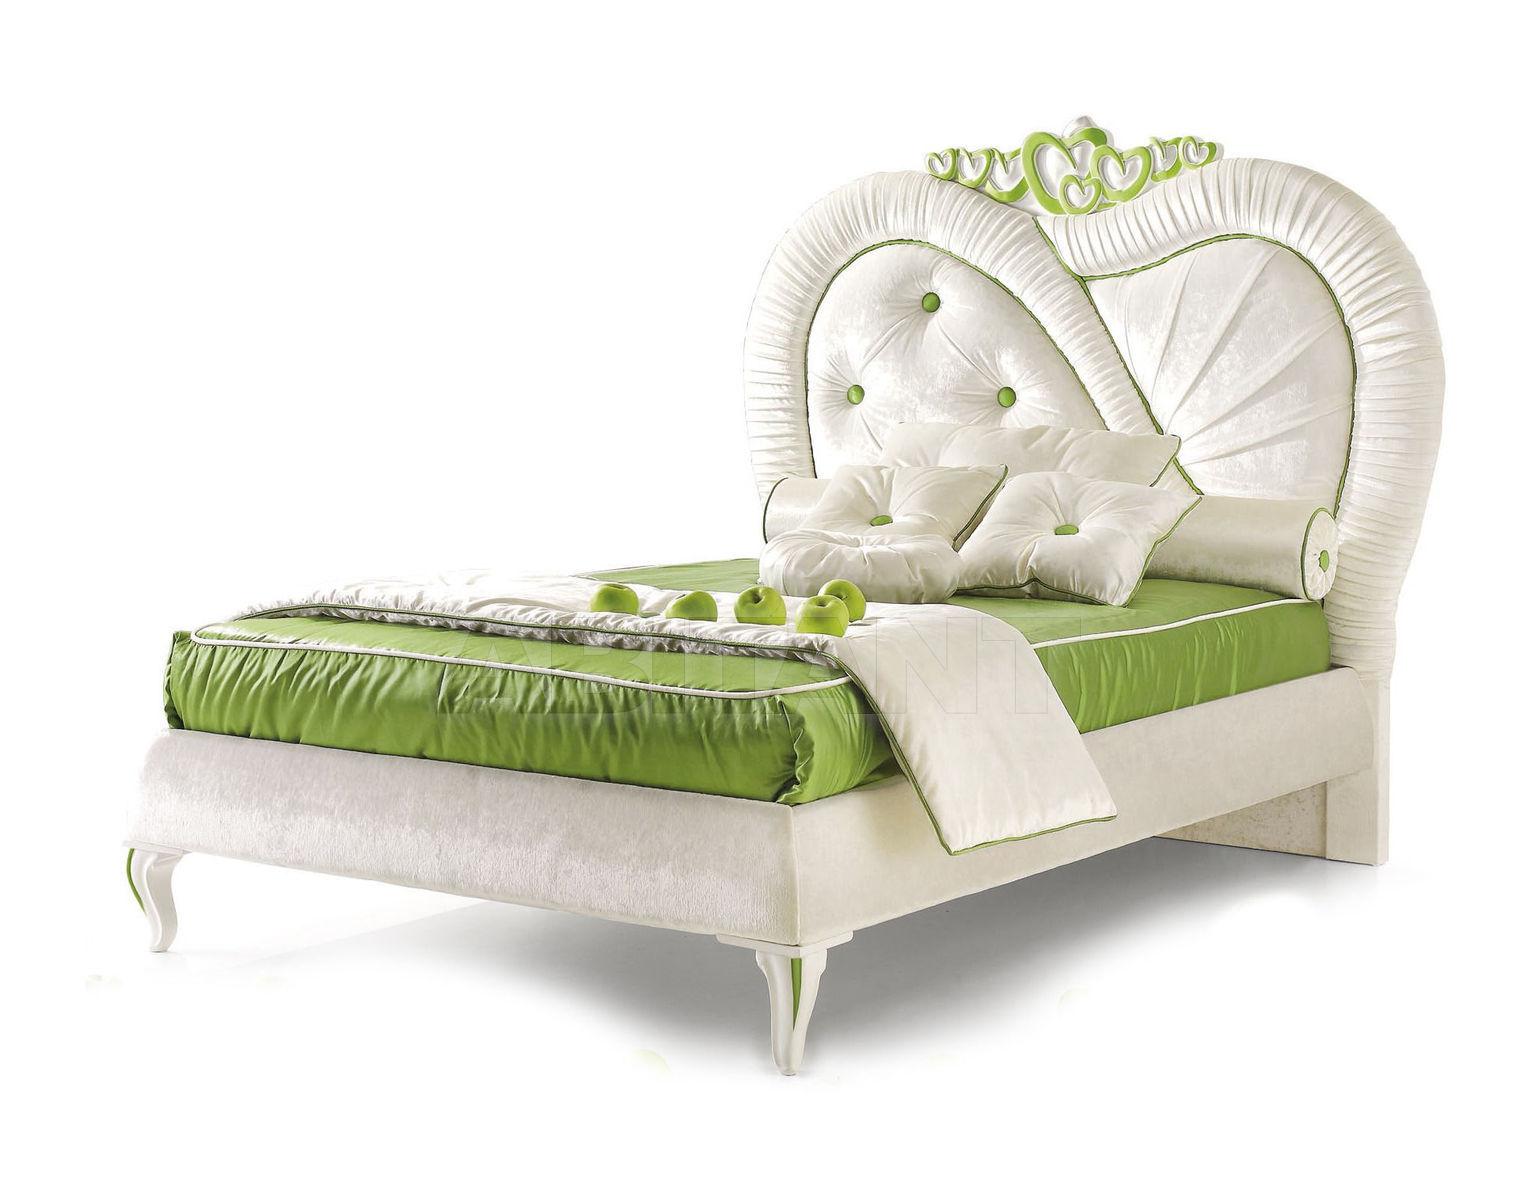 Купить Кровать детская PM4 Mela PS 240